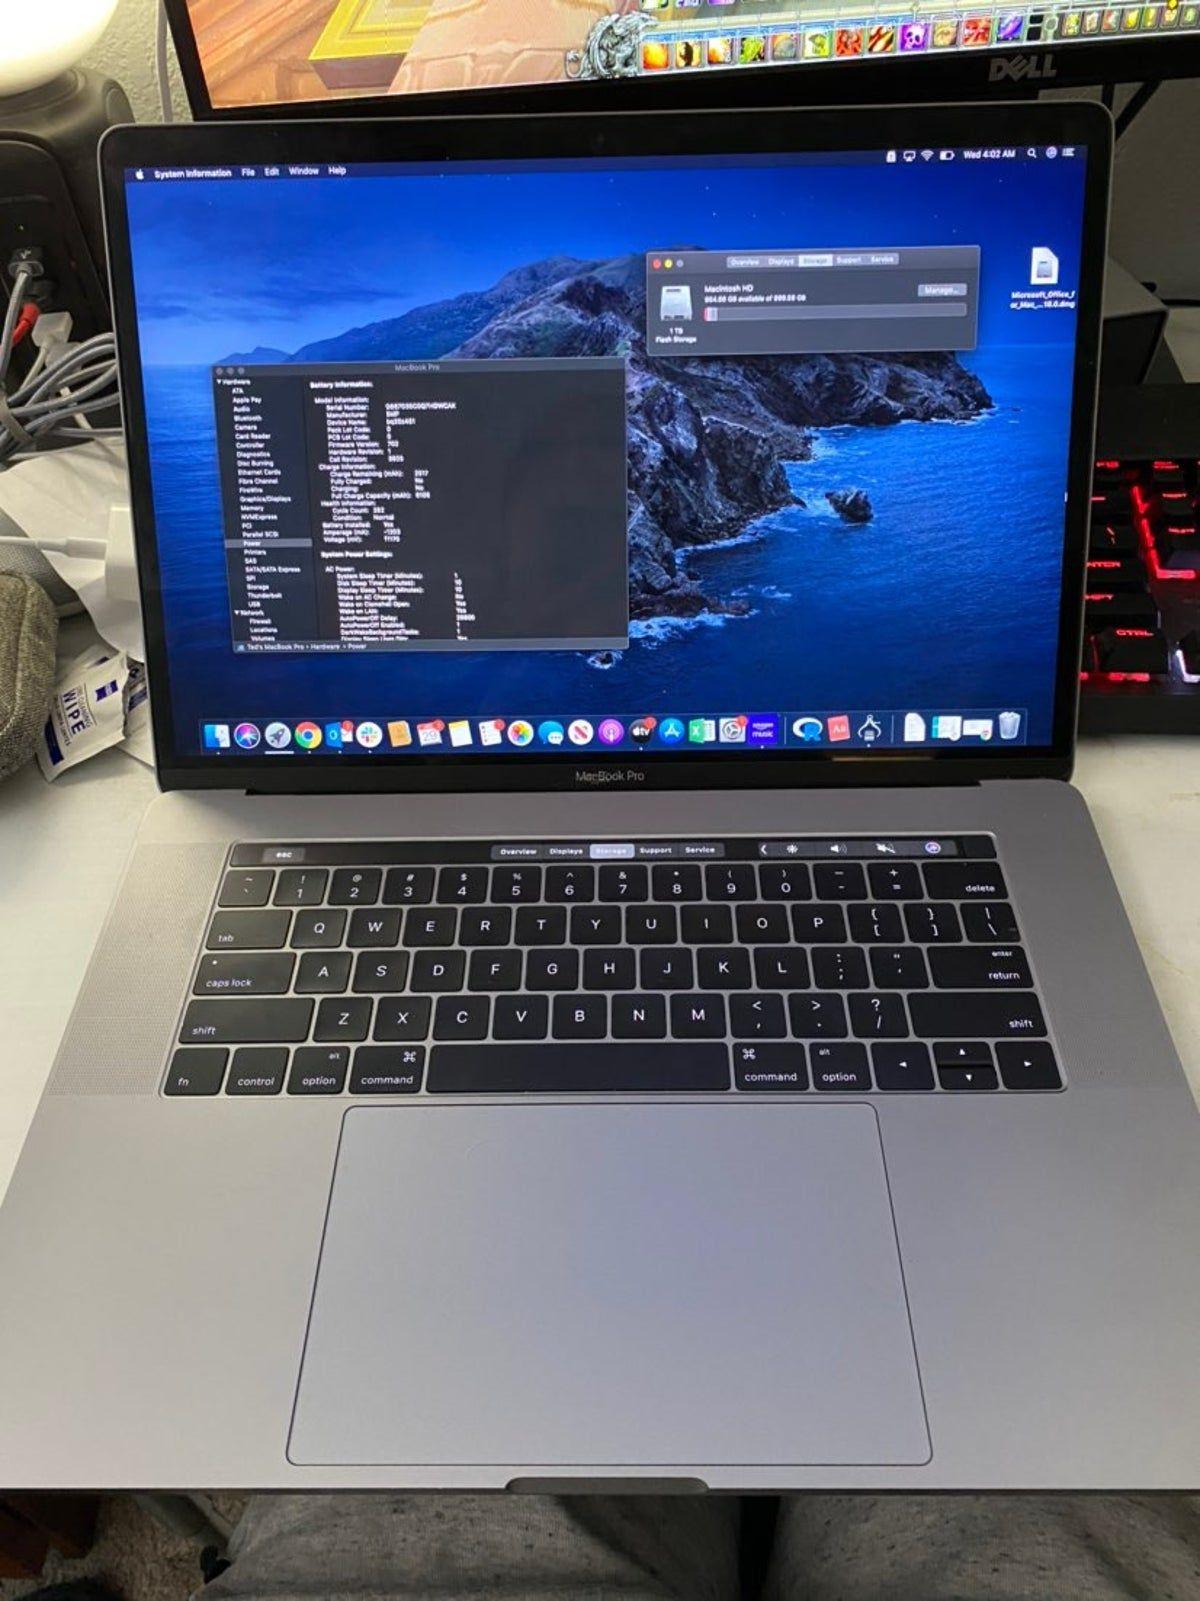 2016 Macbook Pro 15 With Touch Bar In 2020 Macbook Pro Macbook Pro 2016 Macbook